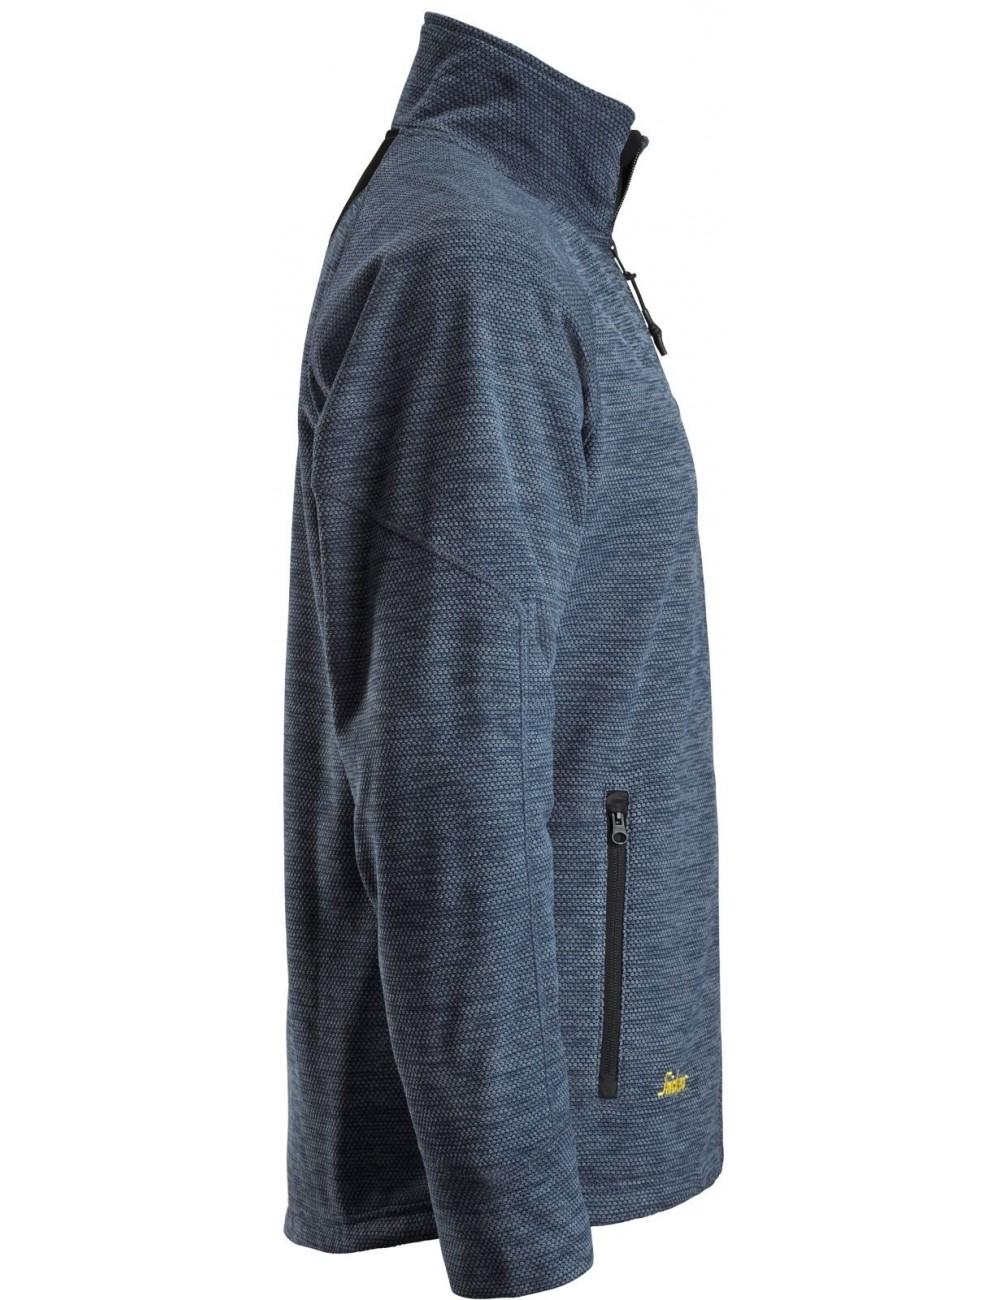 Bluza robocza Snickers 8042 Flexiwork